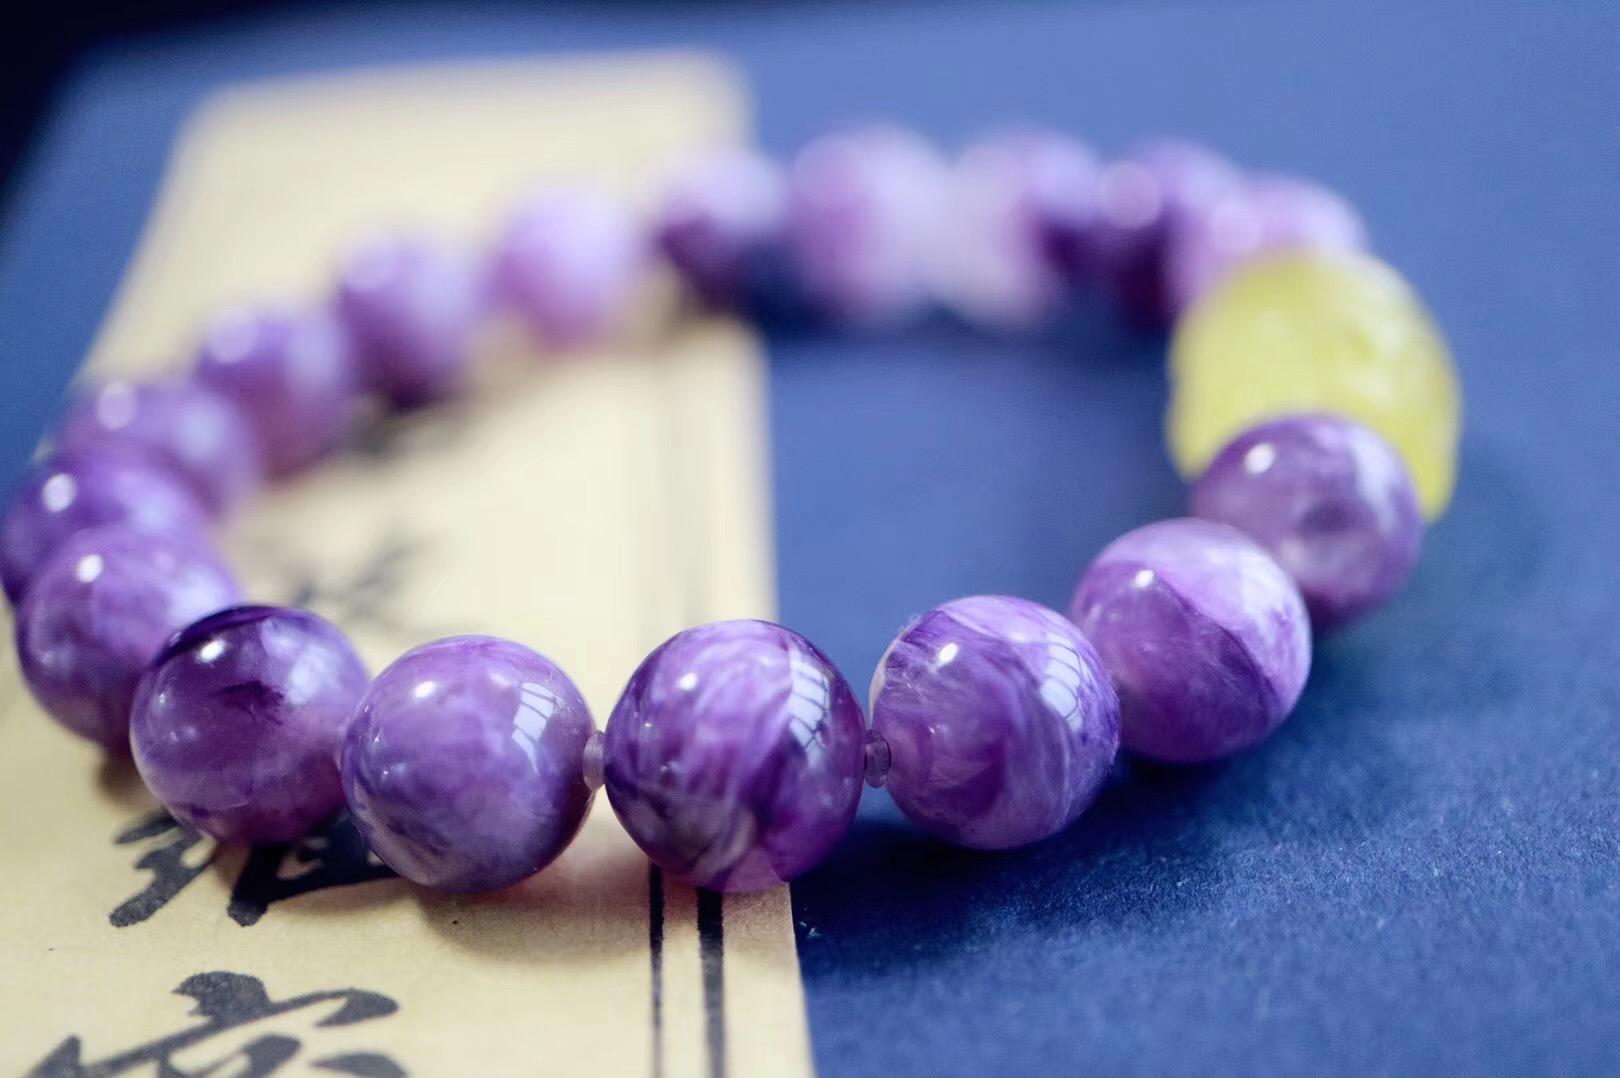 【菩心 | 紫龙晶 | 福气小猪】 紫龙晶可唤醒人体内高灵性的智慧-菩心晶舍